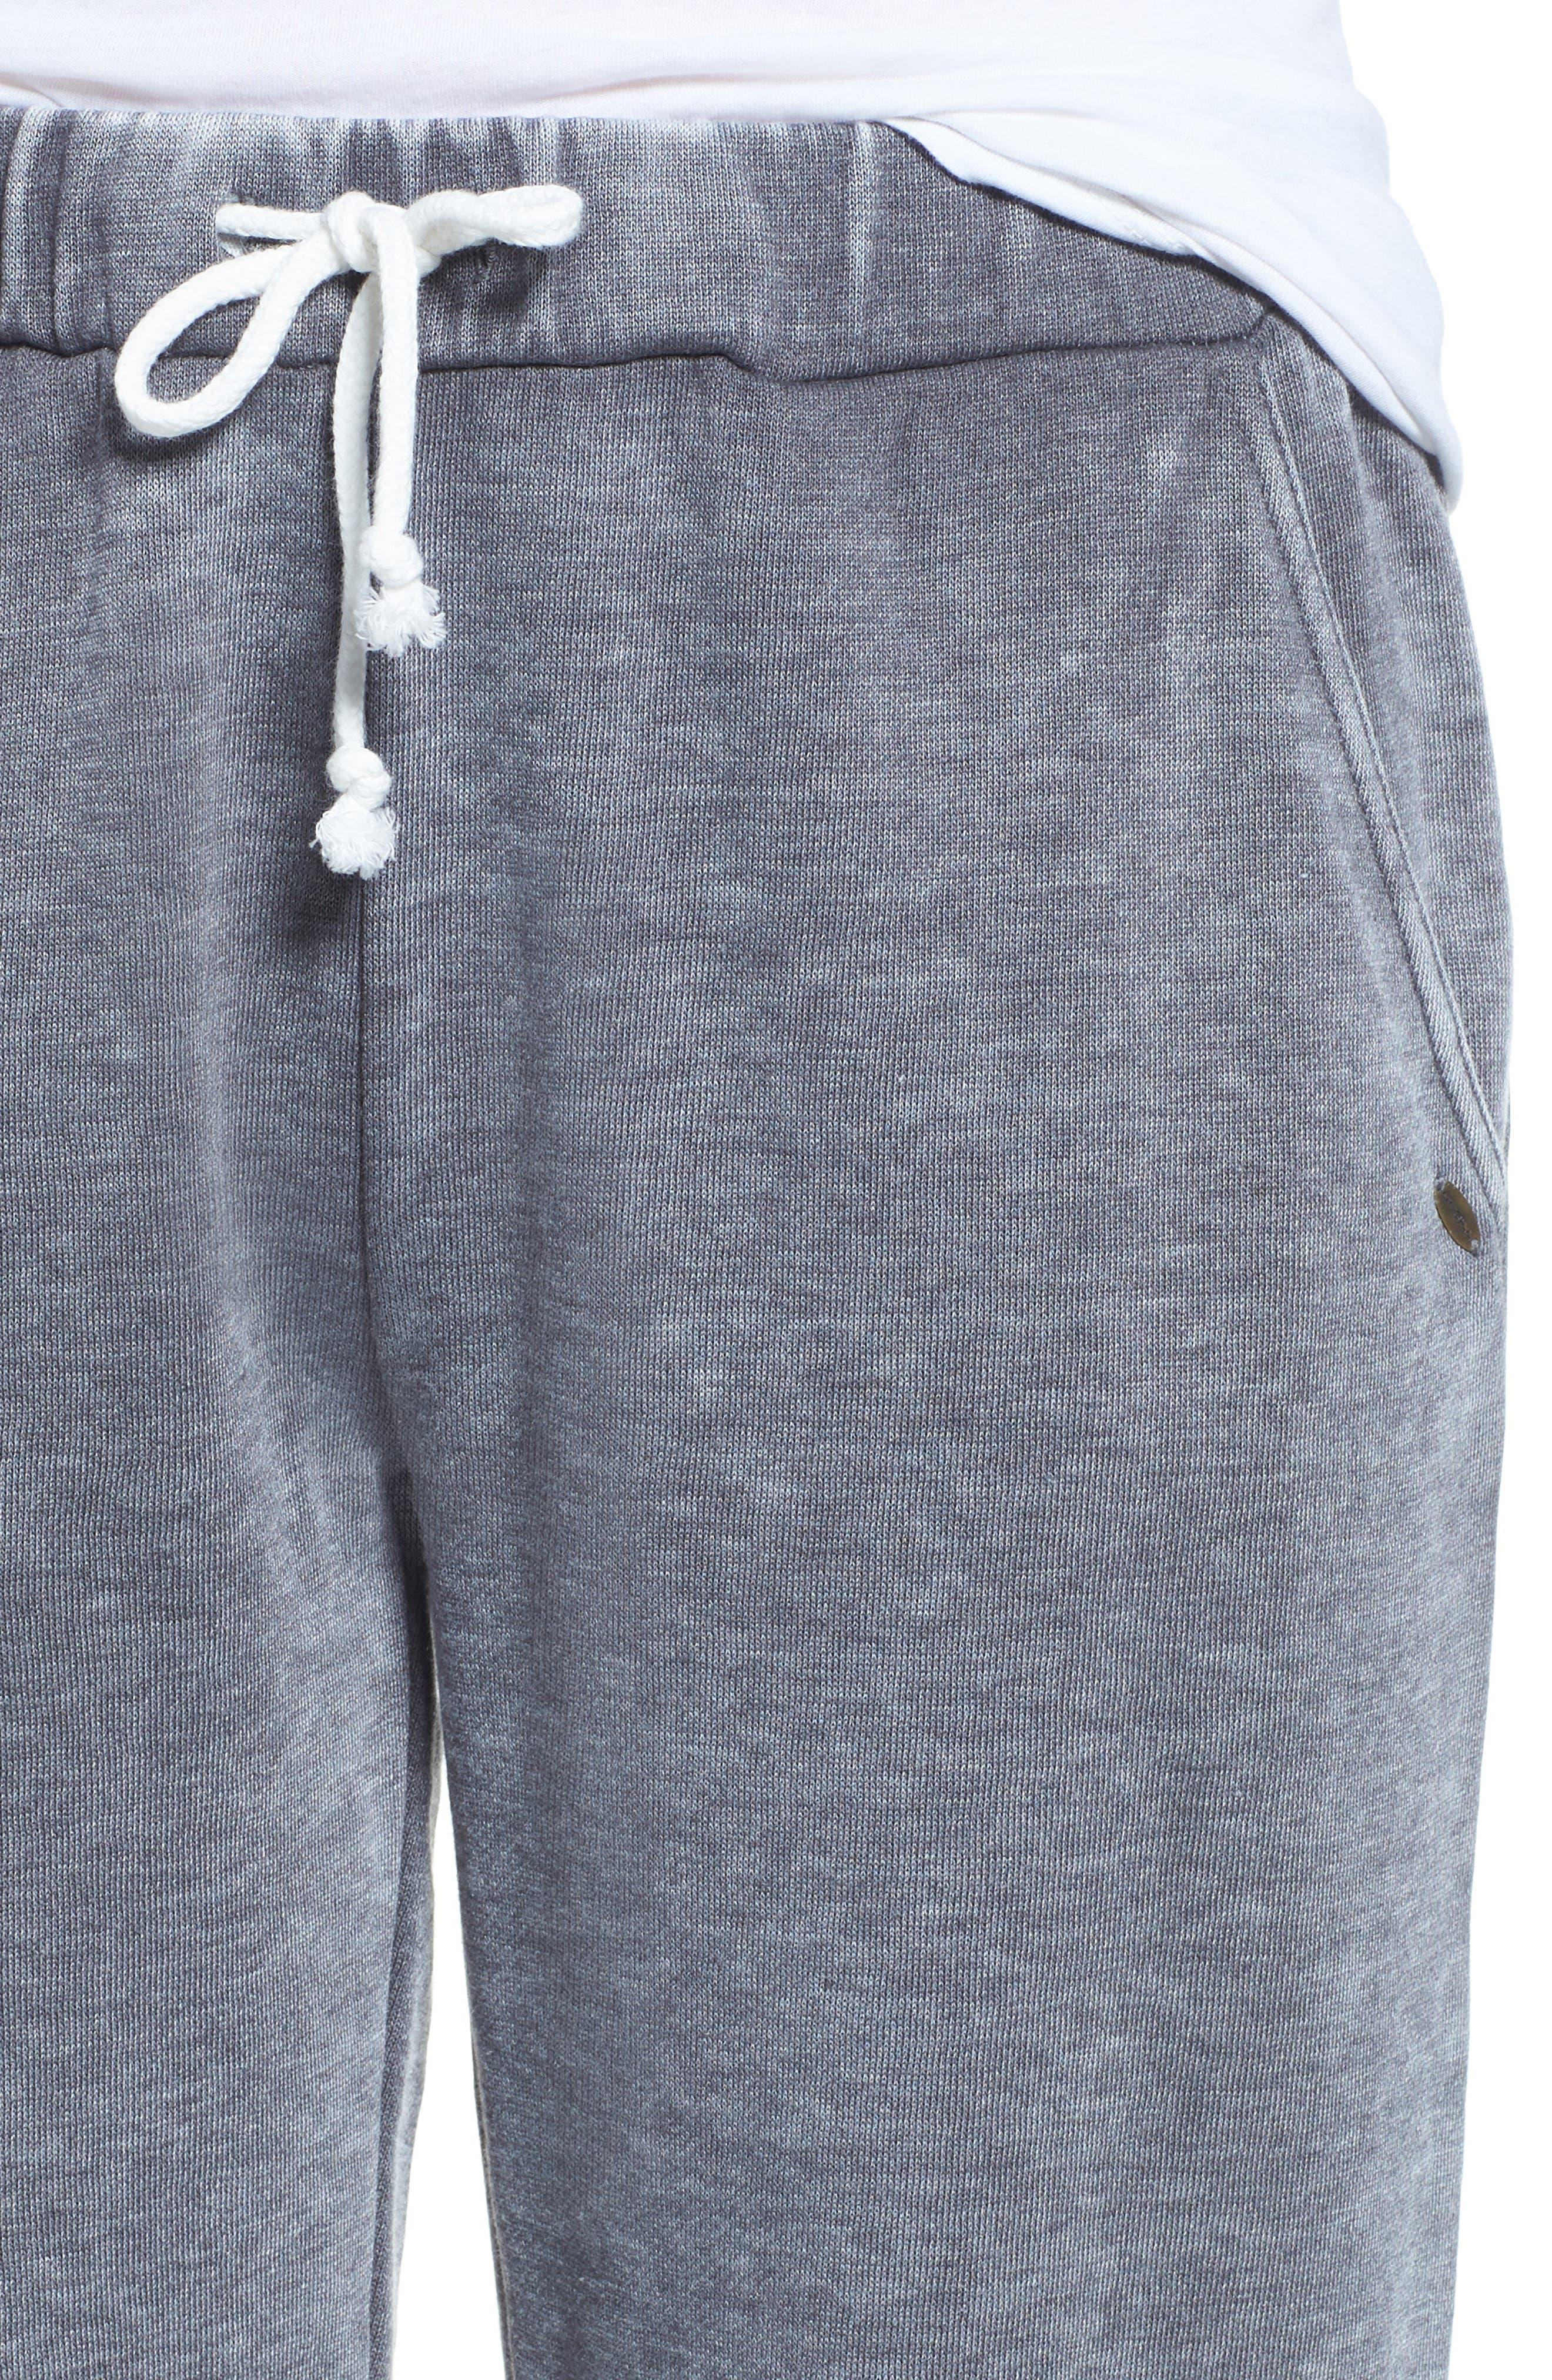 Riya Fashion Fleece Sweatpants,                             Alternate thumbnail 4, color,                             020